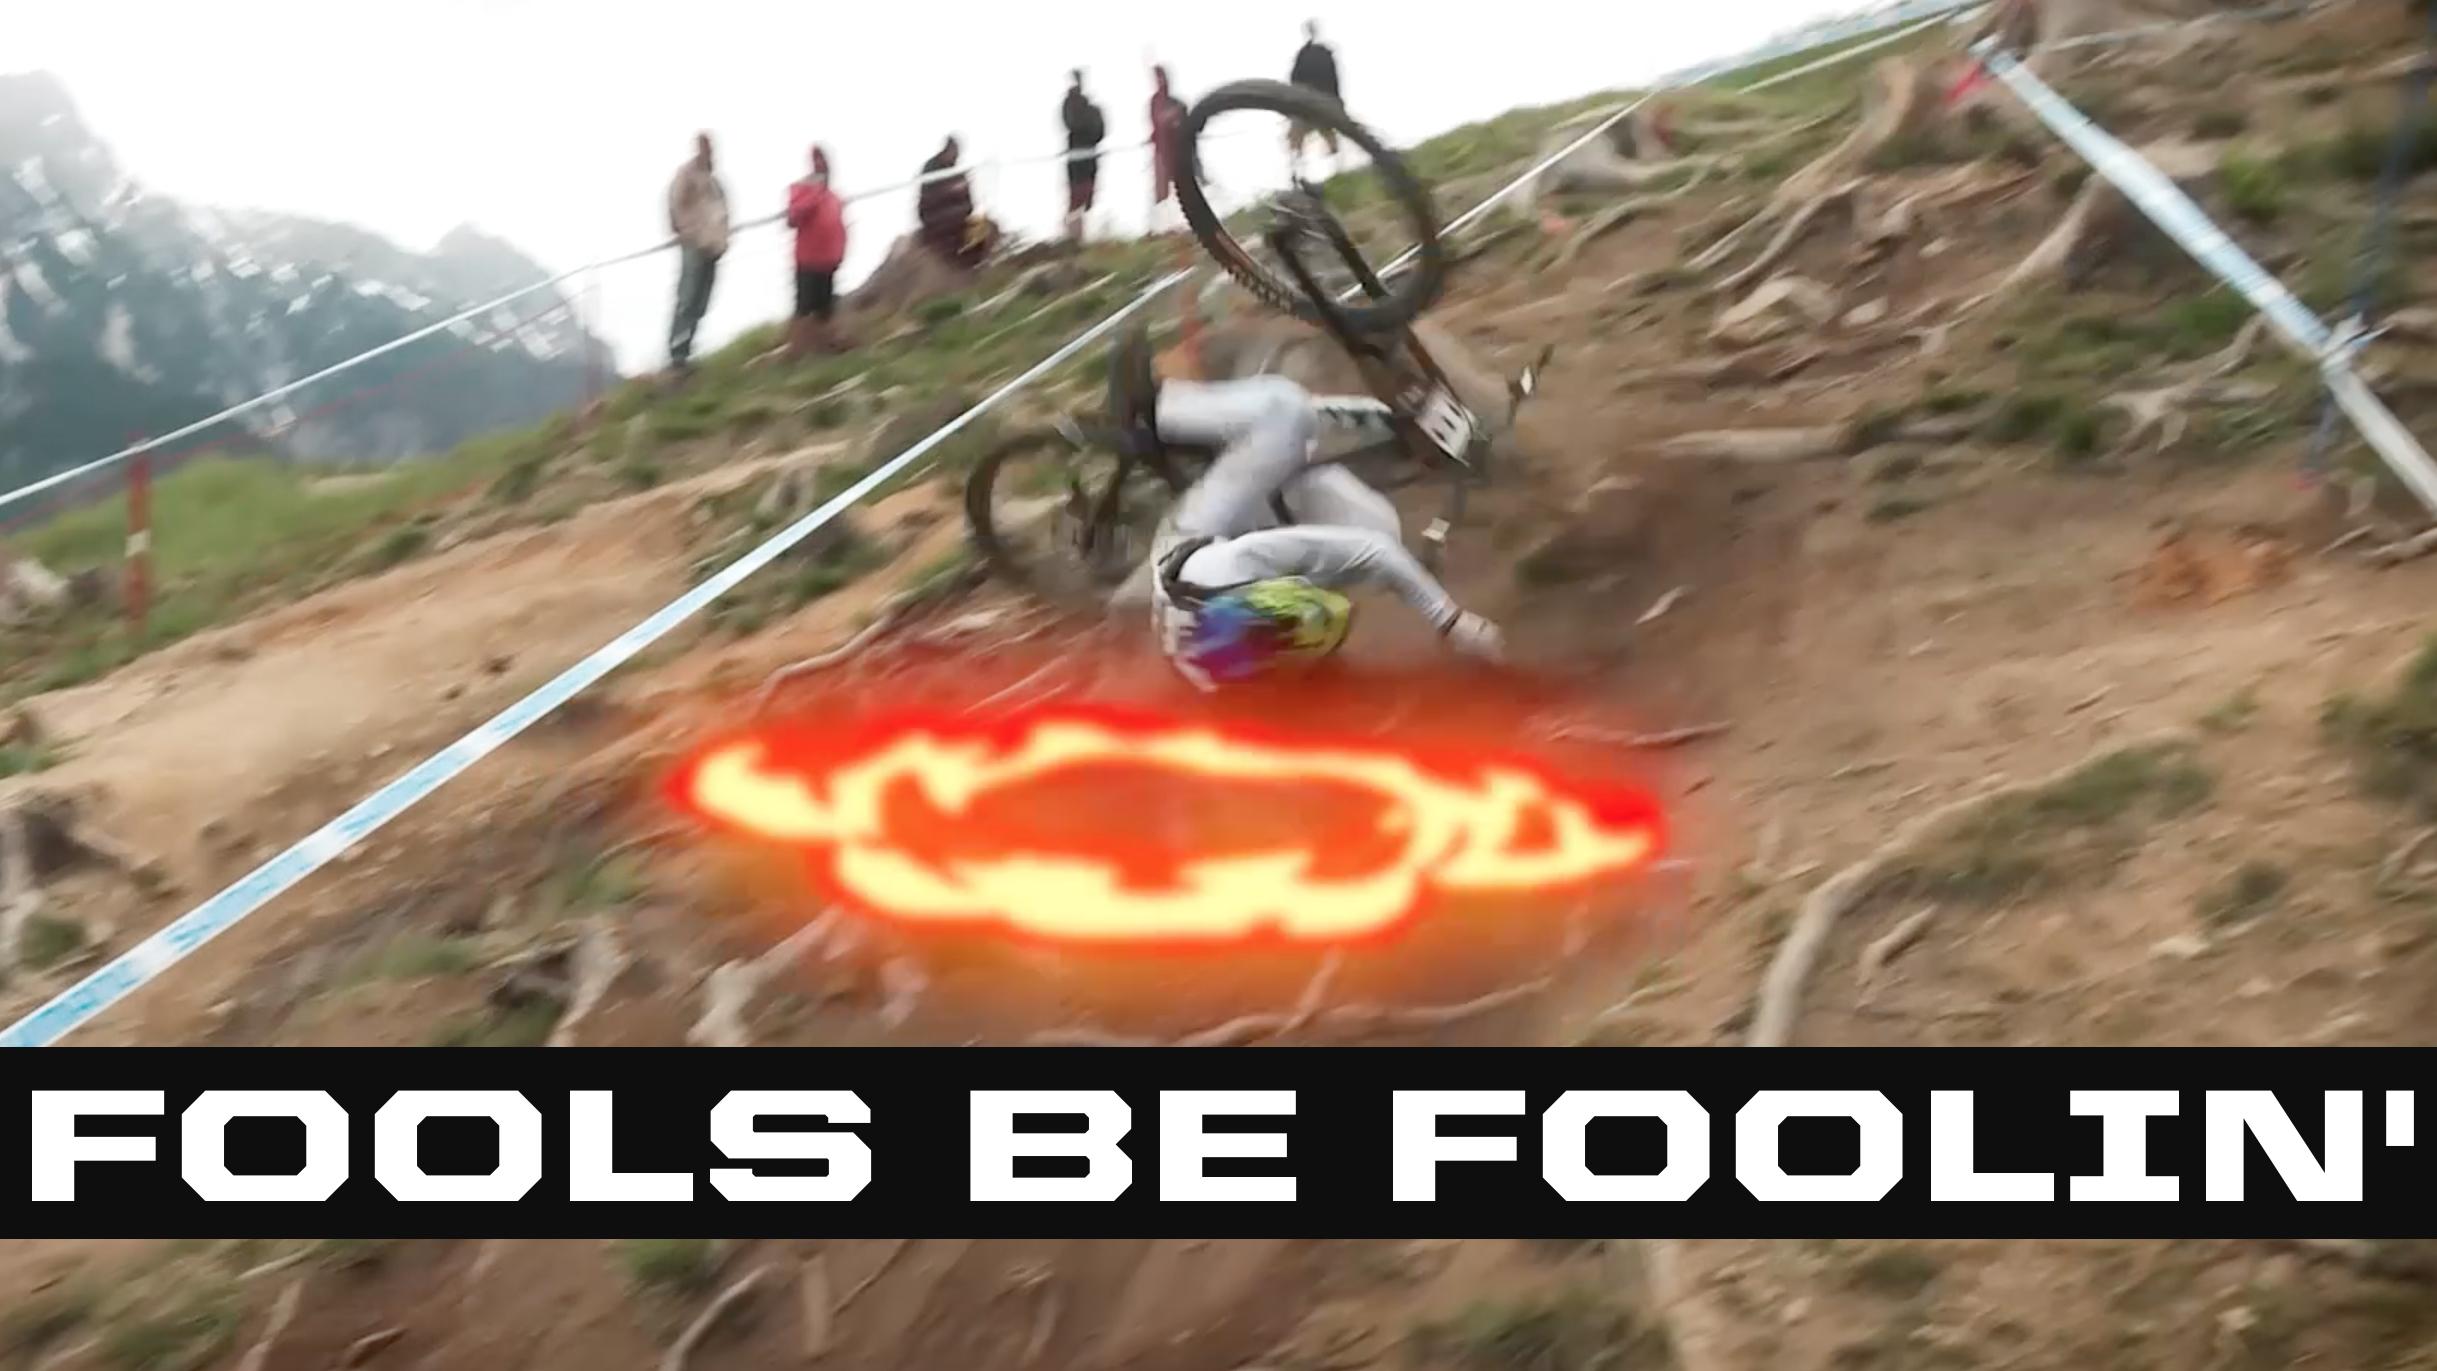 Downhill Fools Be Foolin'